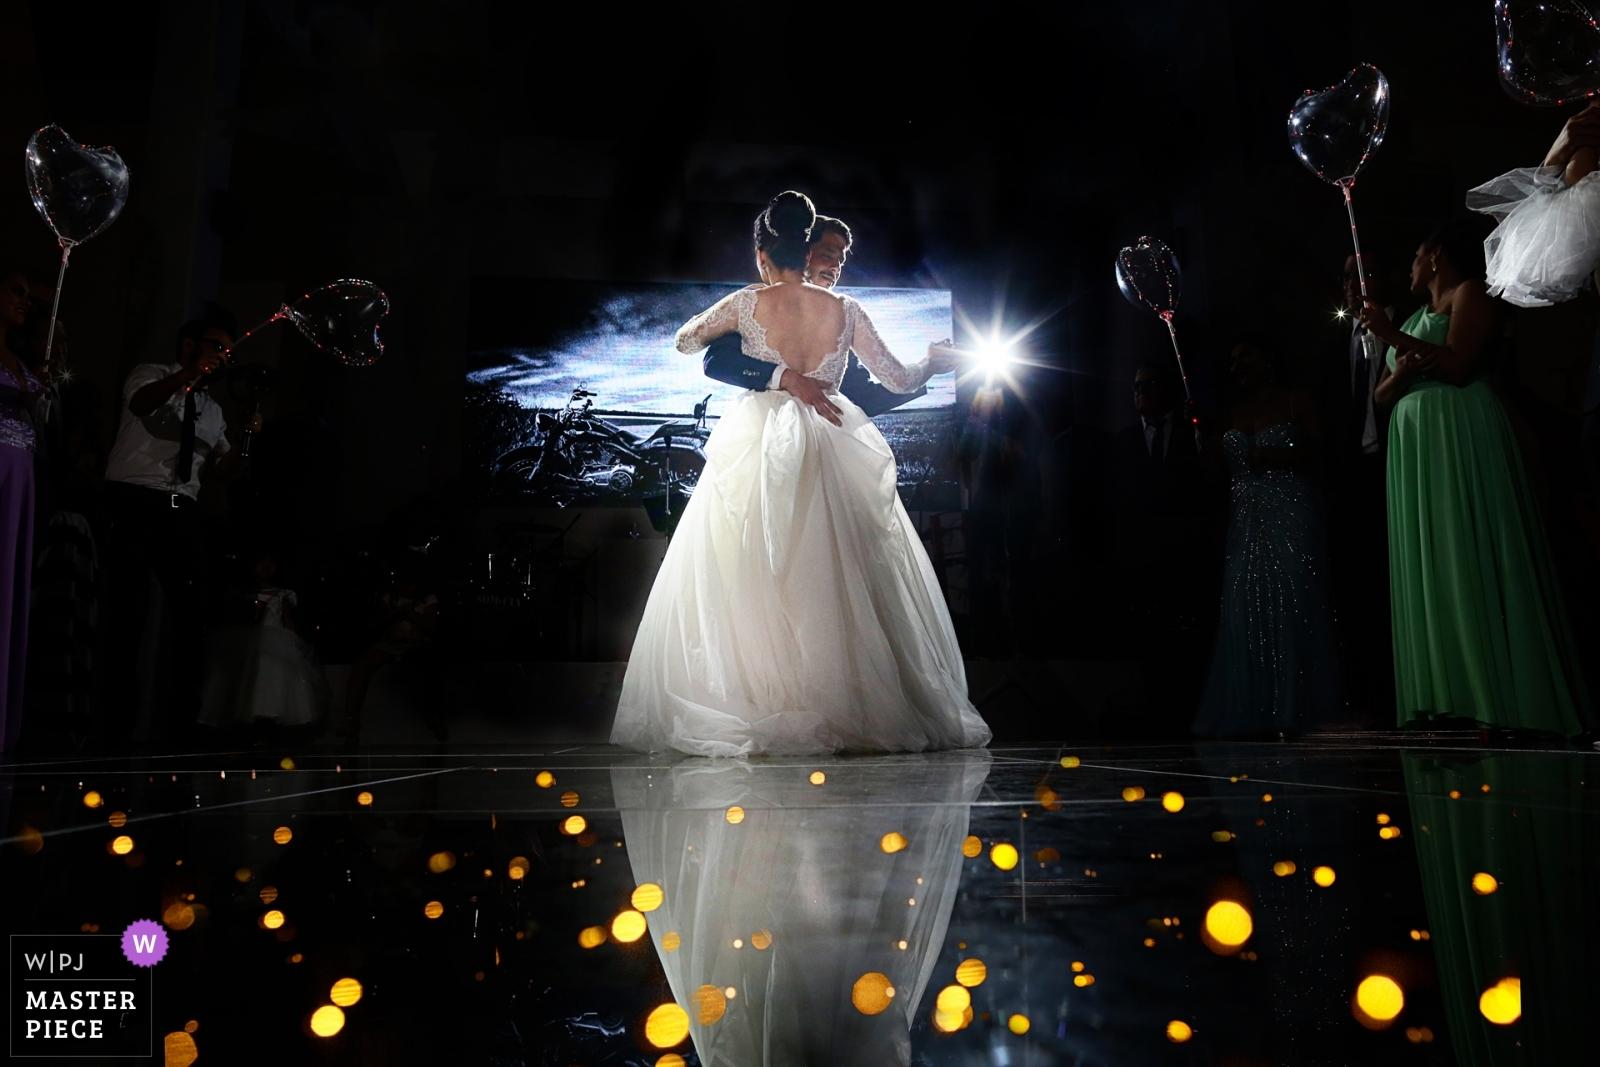 Recepção Casamento Talita e Herik - Goiás, Brazil Wedding Photography -  | Jacaúna Eventos Inhumas